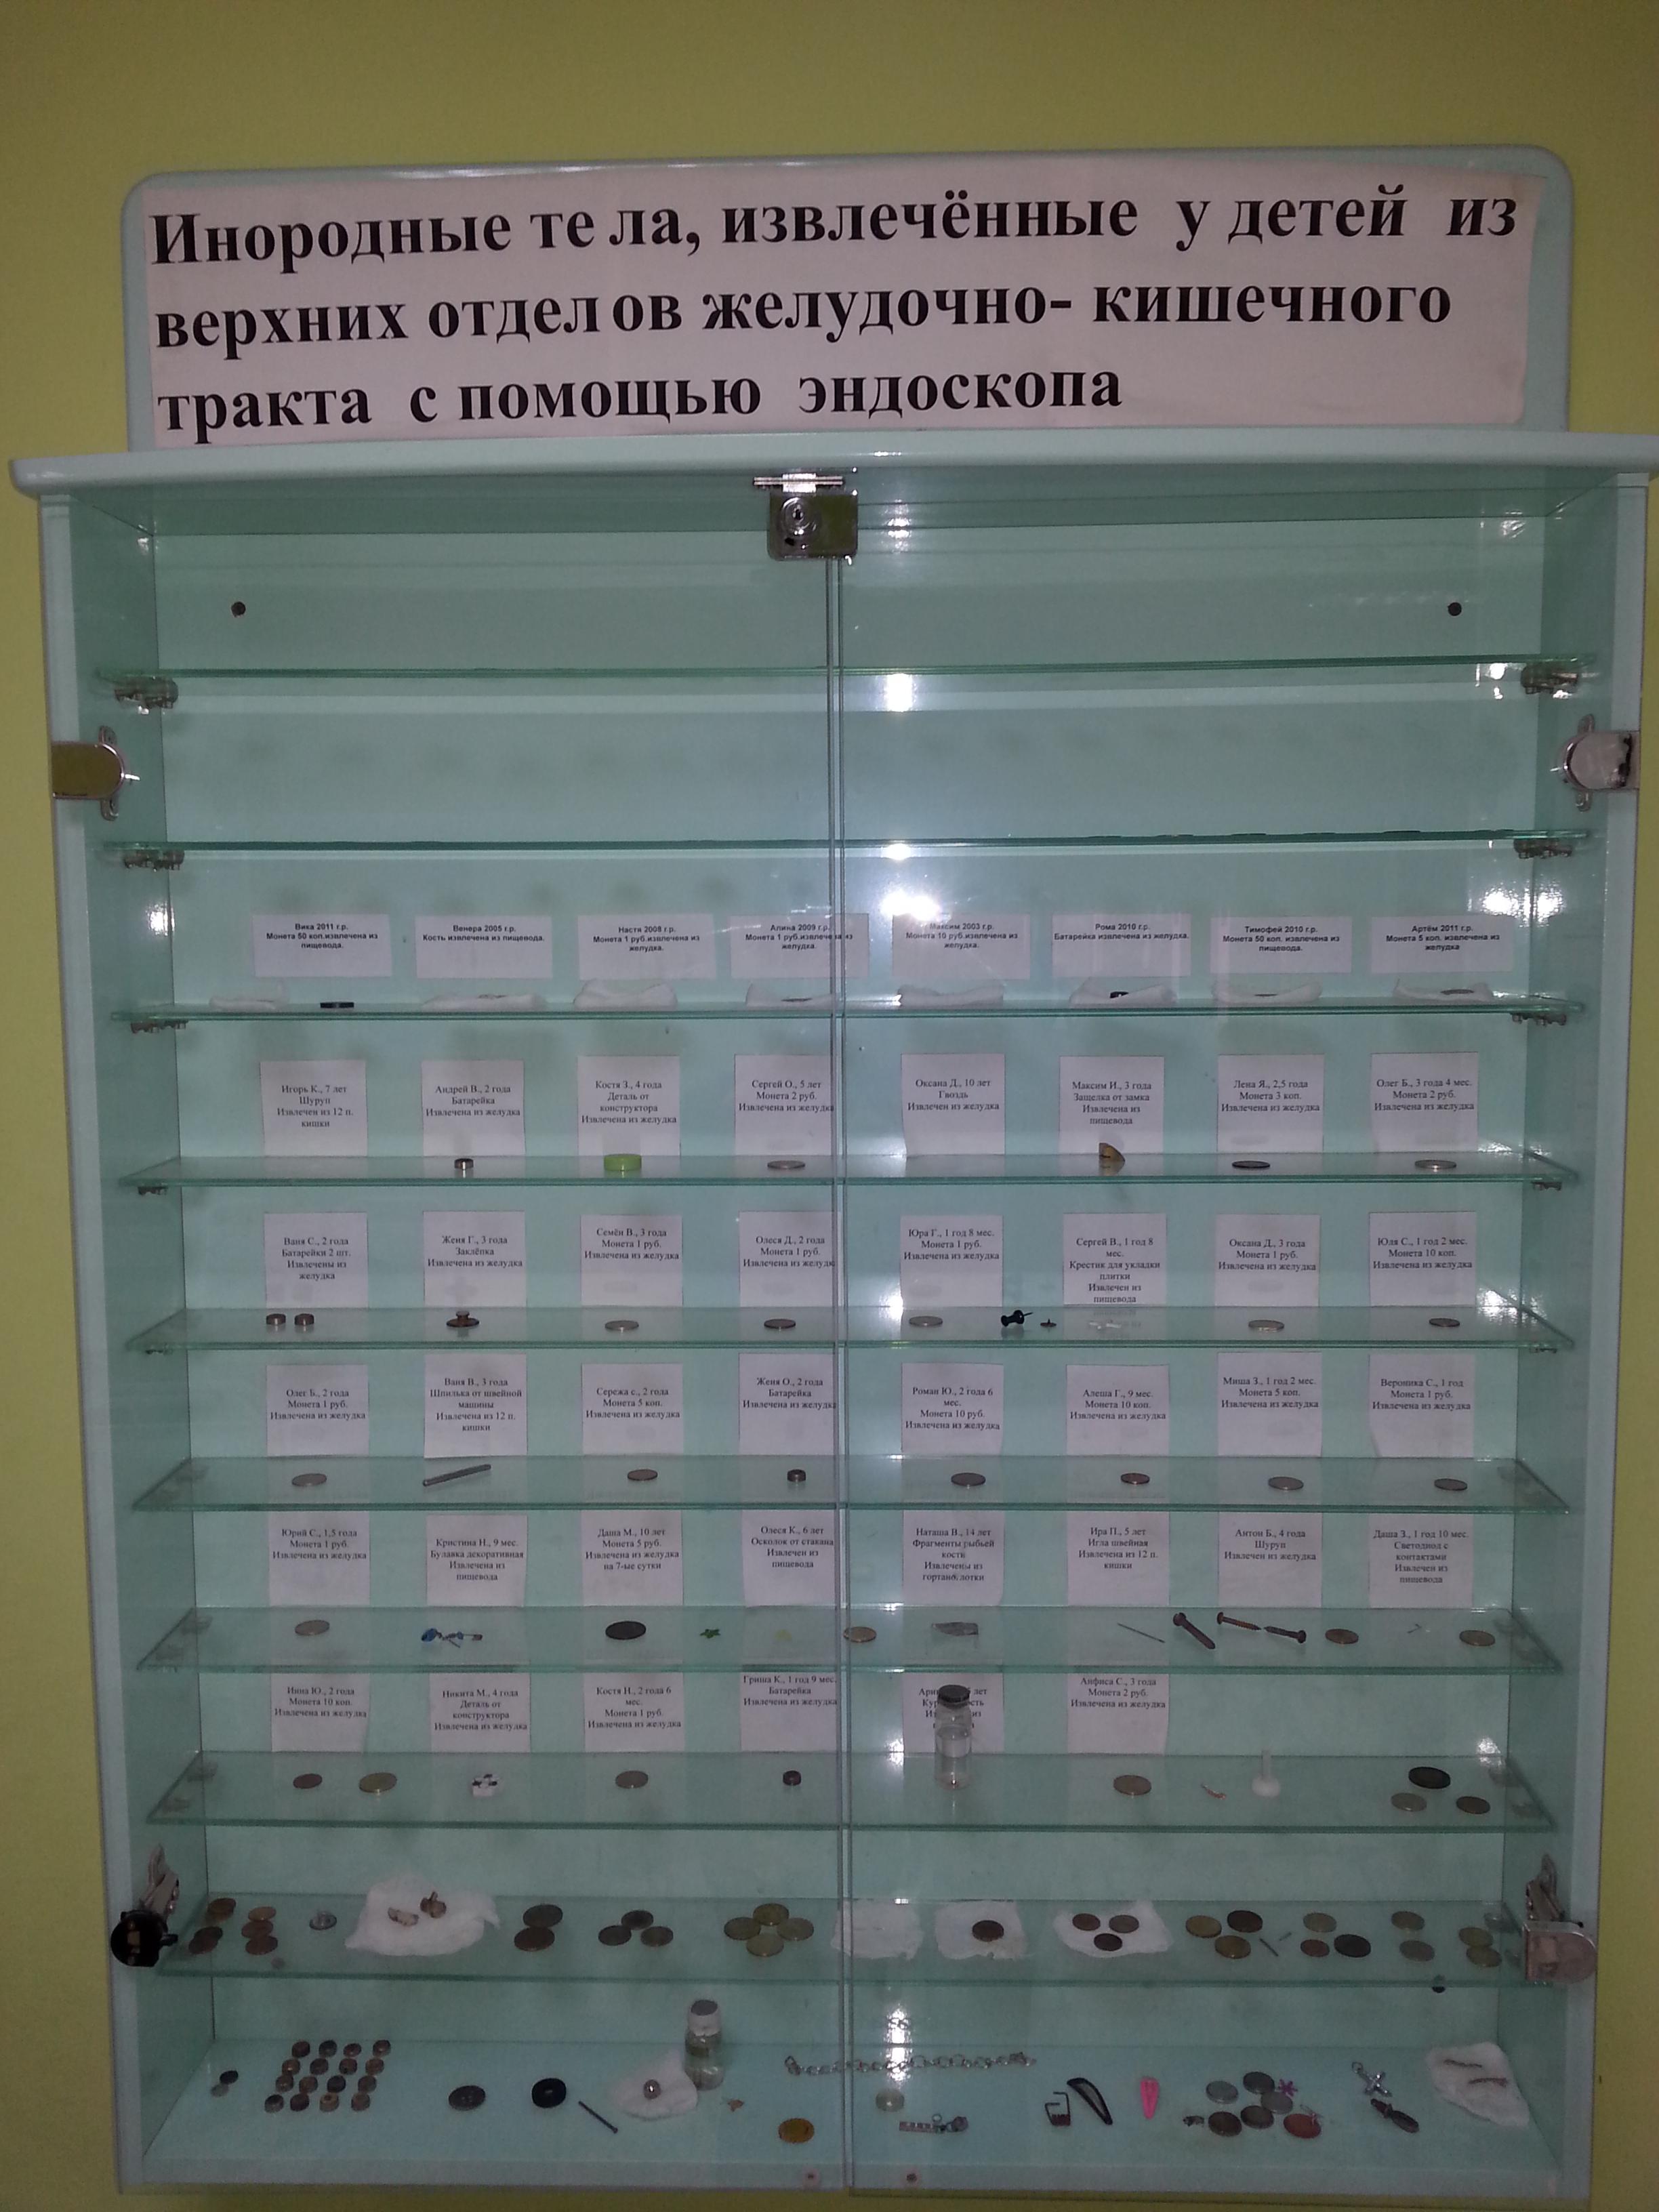 Поликлиника 54 на генерала белова официальный сайт